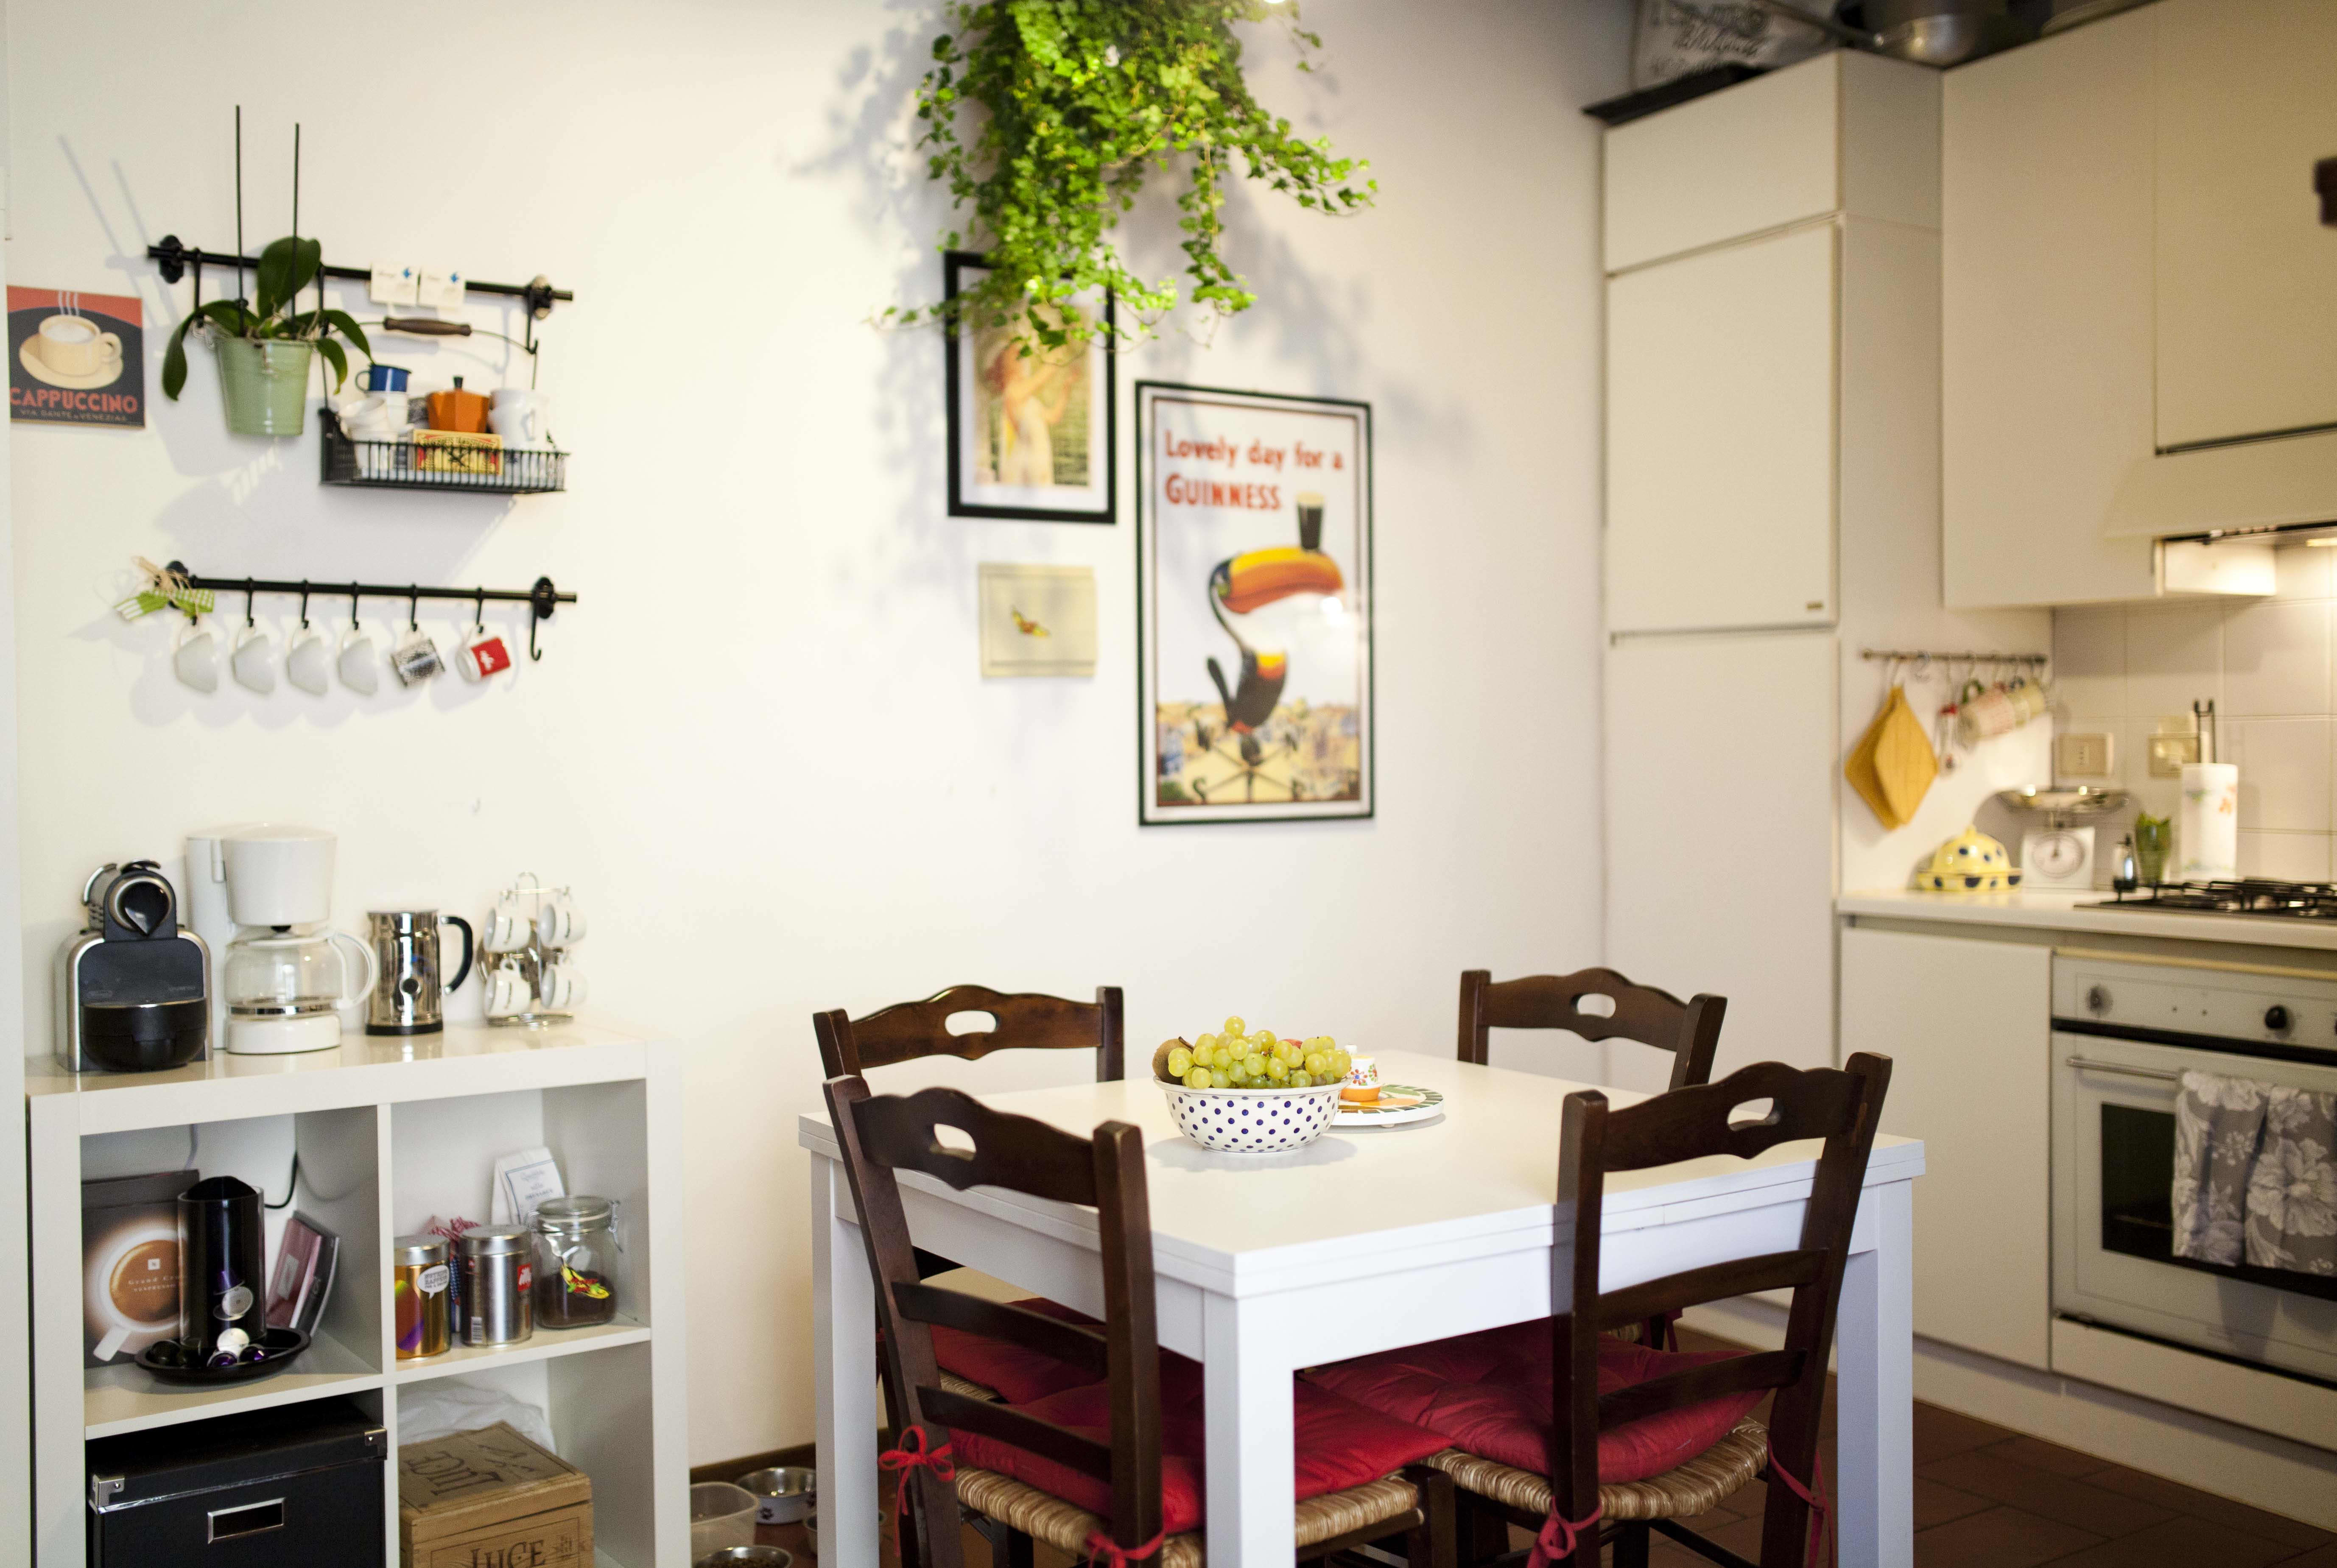 Krista's Sweet Florentine Kitchen: gallery image 2